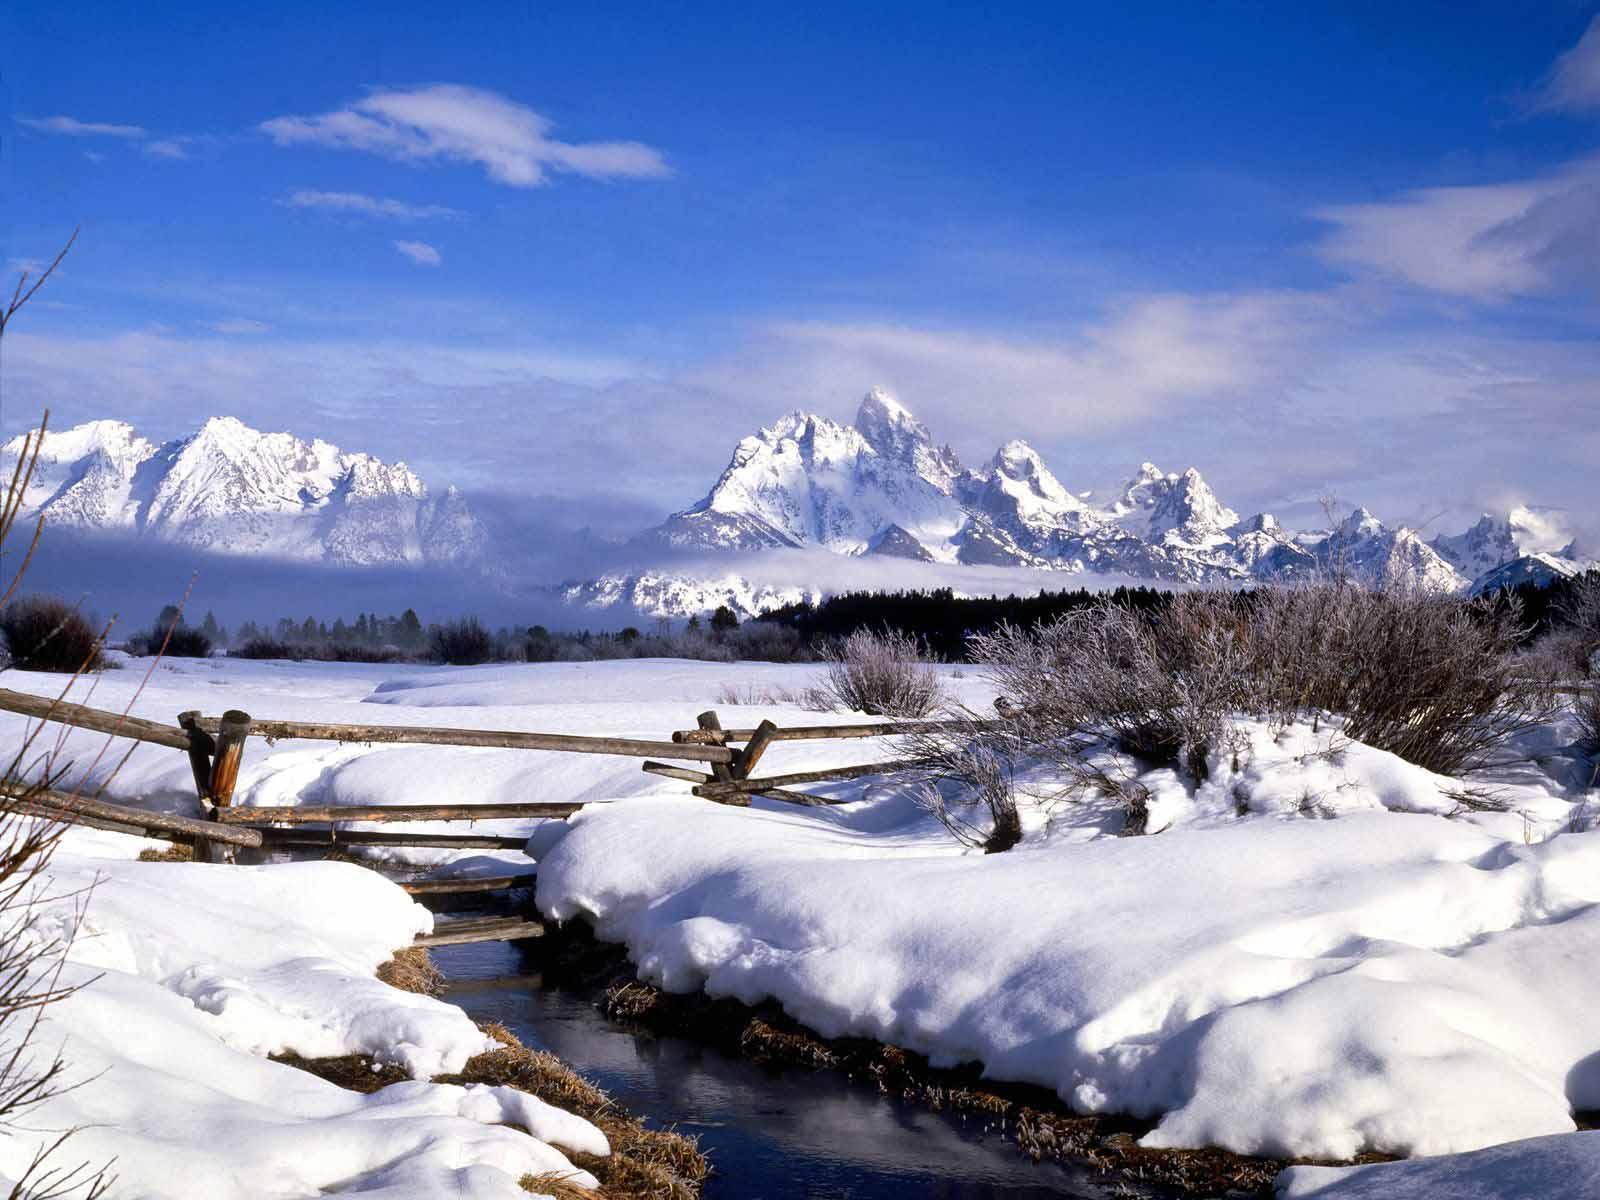 Winter Scenes for Desktop 1600x1200